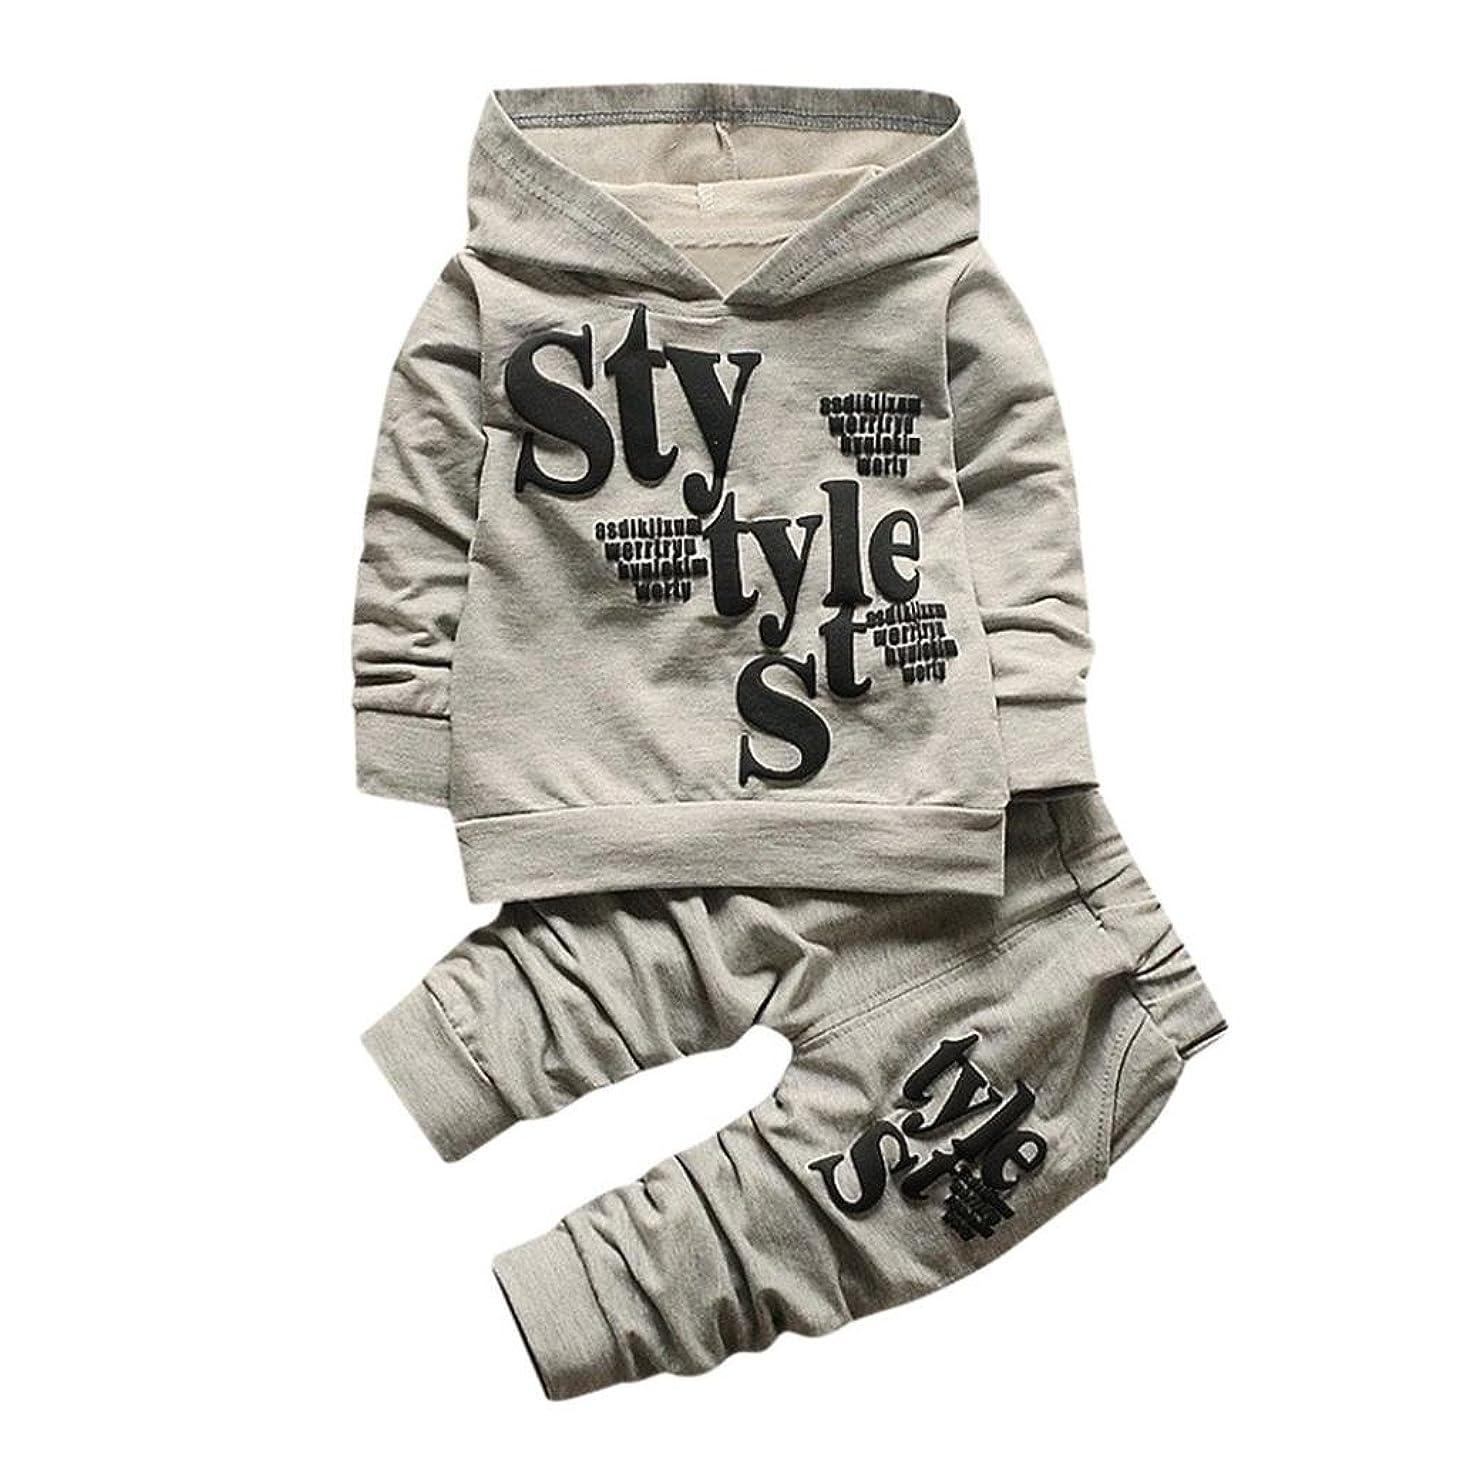 大気シェルサーマルパーカー+ズボン Tシャツ スウェット 子供服 赤ちゃん服 上着+パンツ2点セット かっこいい ベビー服 ロンパース カバーオール 男の子 女の子 ファッション